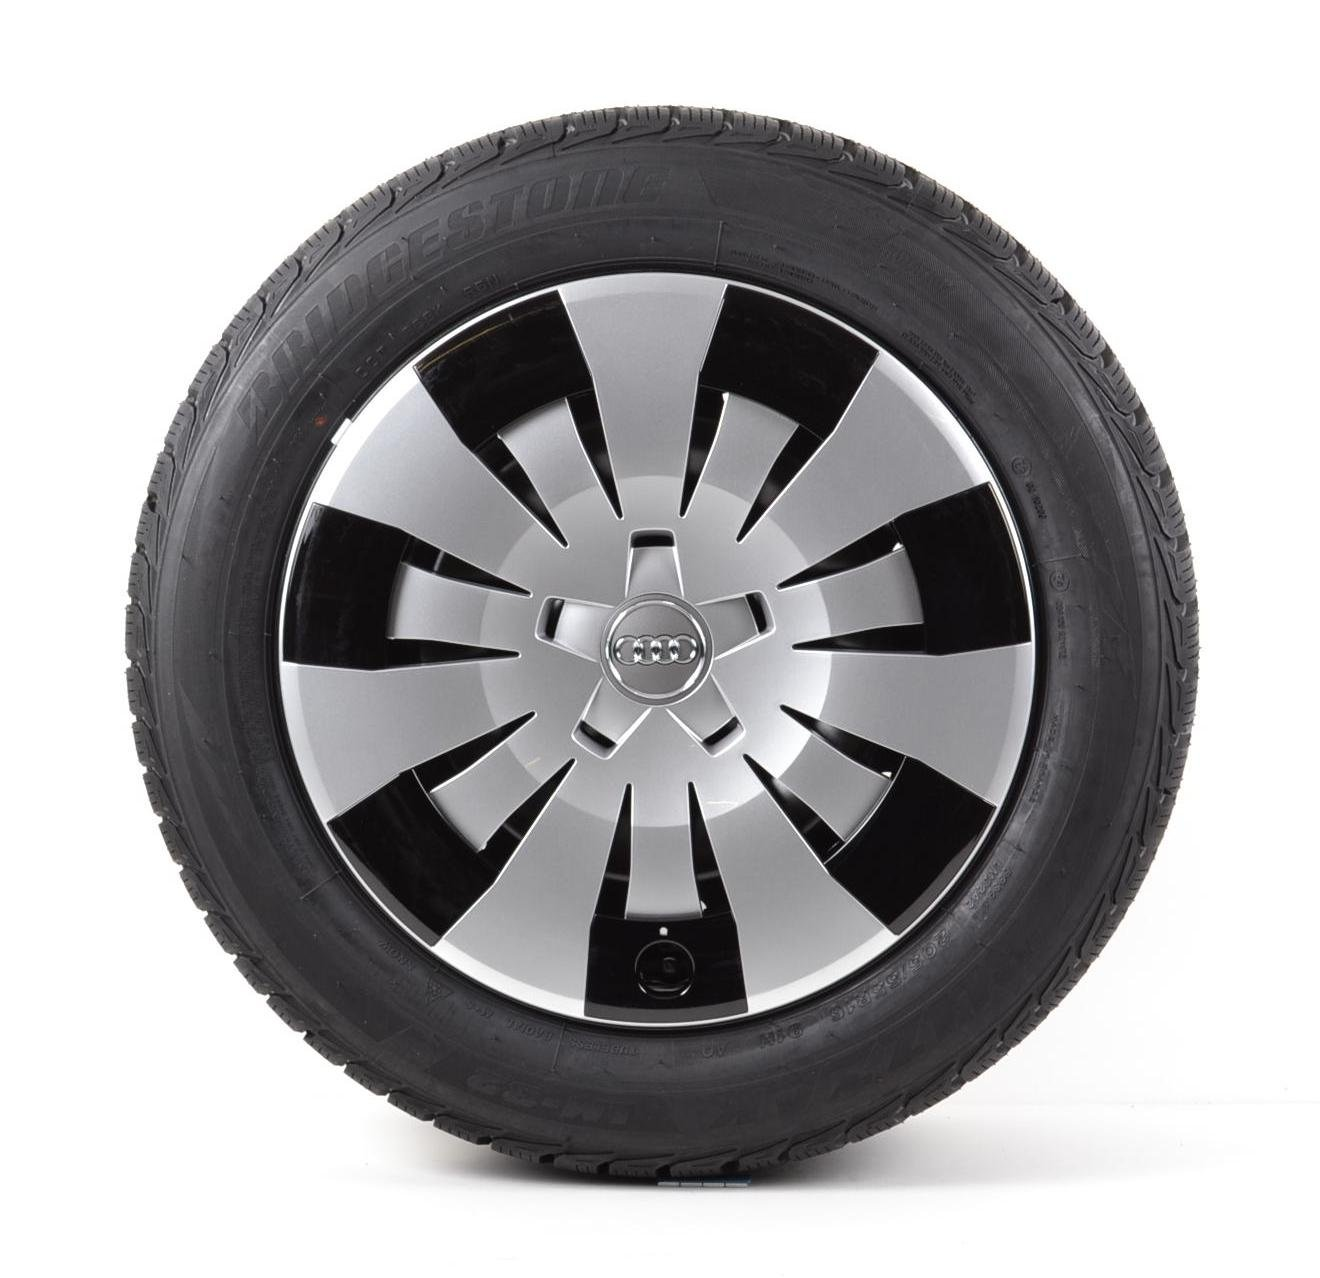 Audi Original Invierno Completo de rueda 16 pulgadas Audi A3 8 V Acero Bridgestone Neumáticos: Amazon.es: Coche y moto